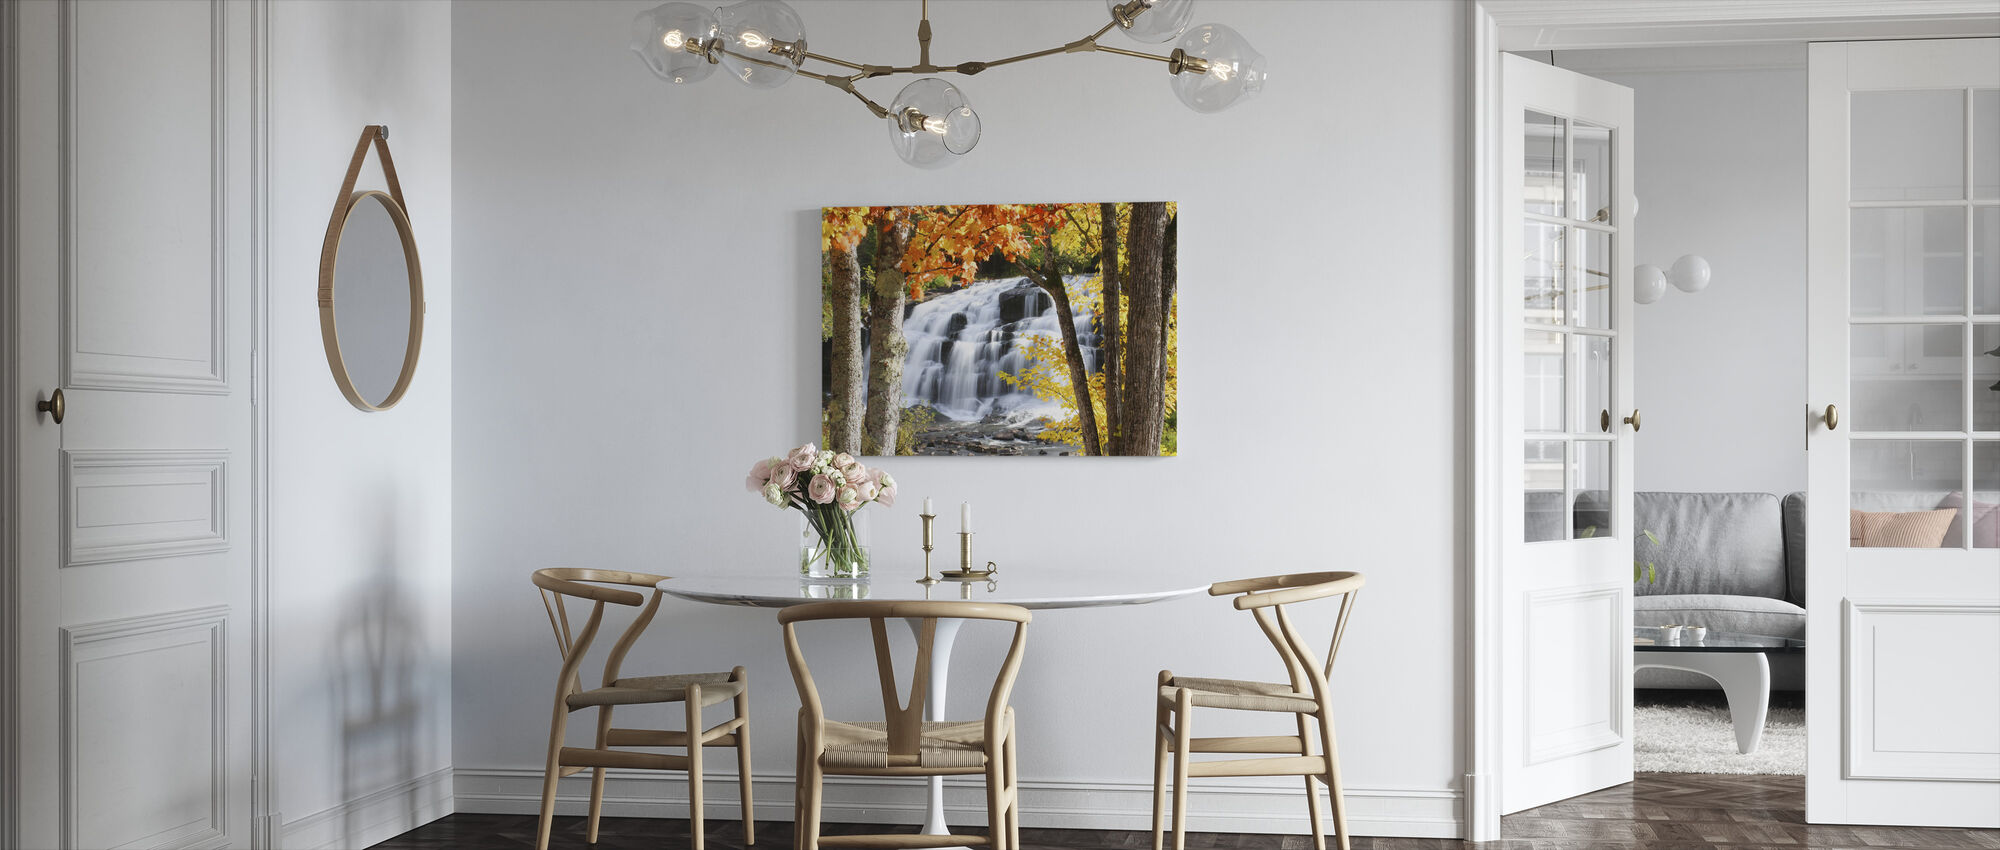 Bond Falls gekleed in herfstkleuren - Canvas print - Keuken